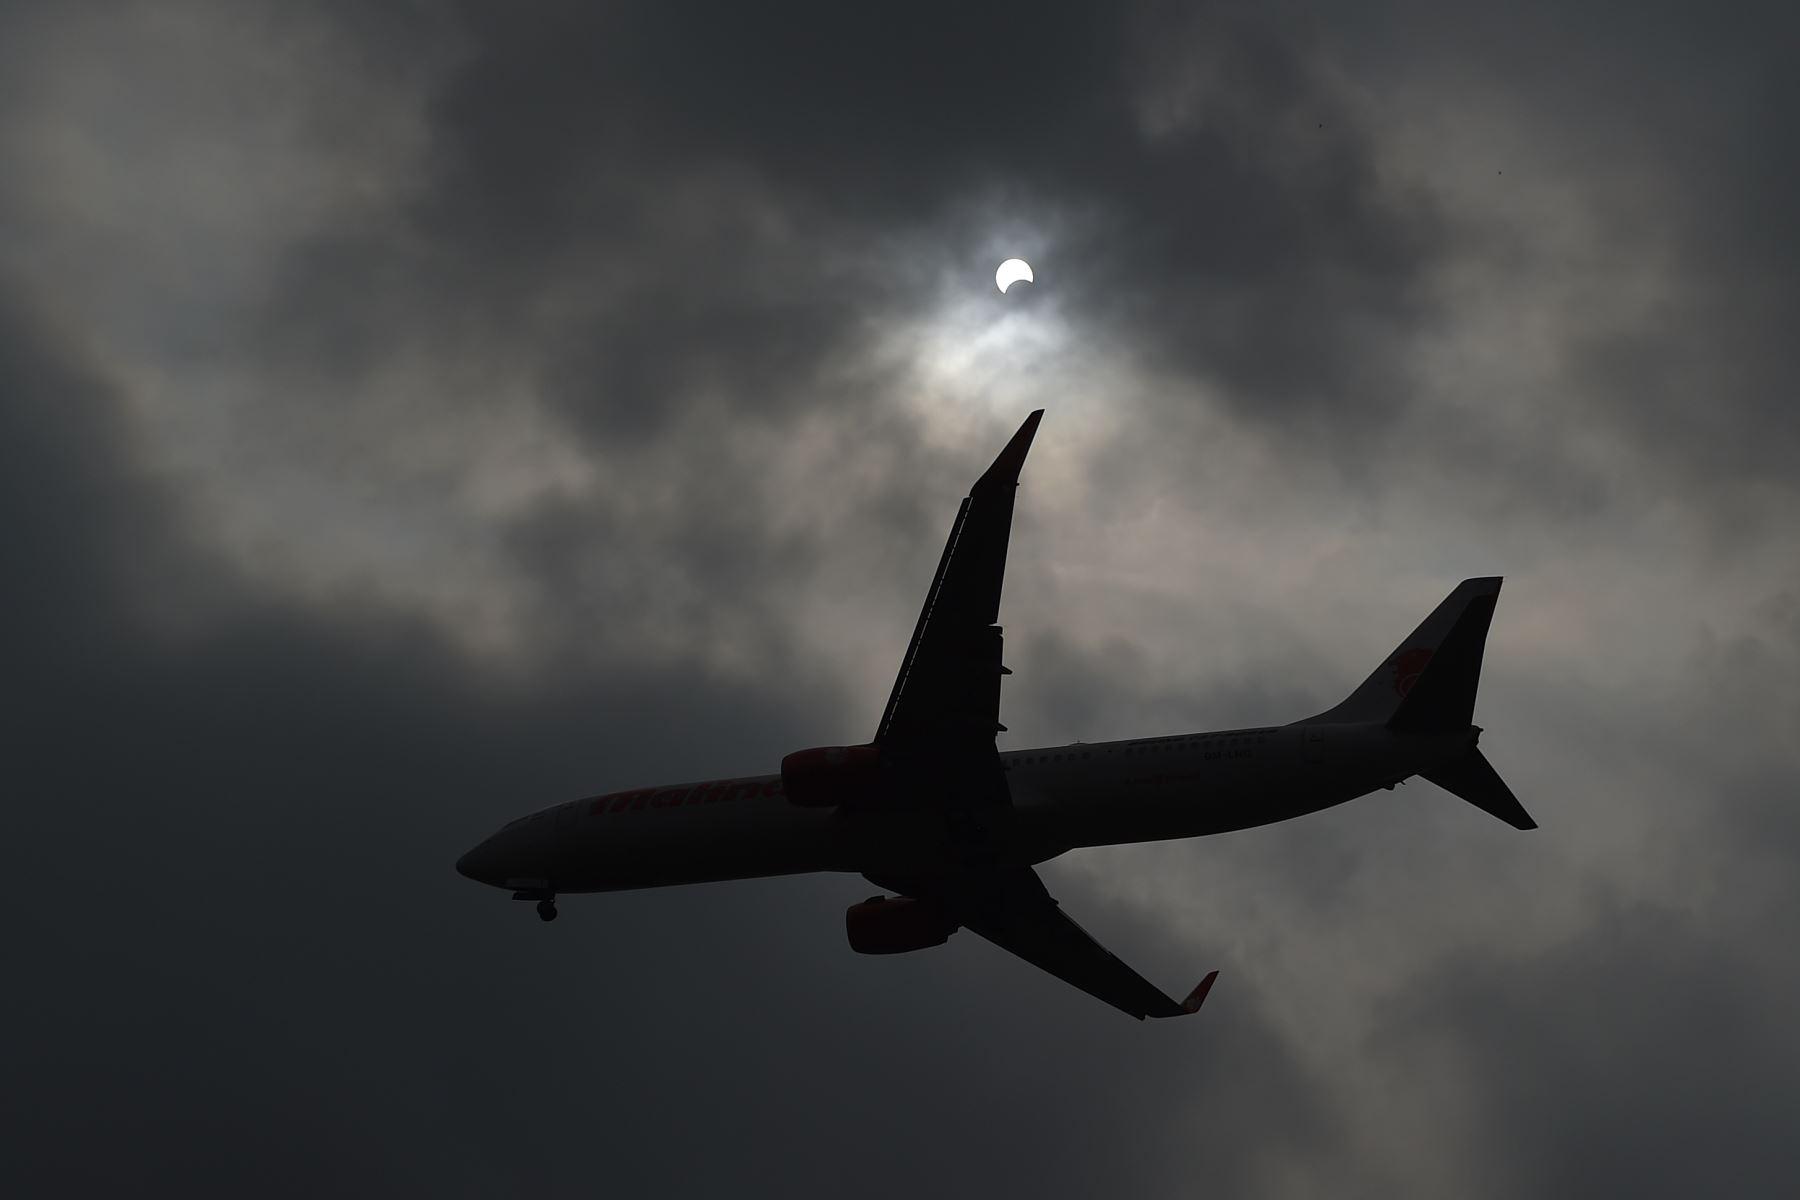 """Un avión pasa cuando la luna se mueve frente al sol en un eclipse solar de """"anillo de fuego"""" visto desde Hanoi el 26 de diciembre de 2019. Foto: AFP"""